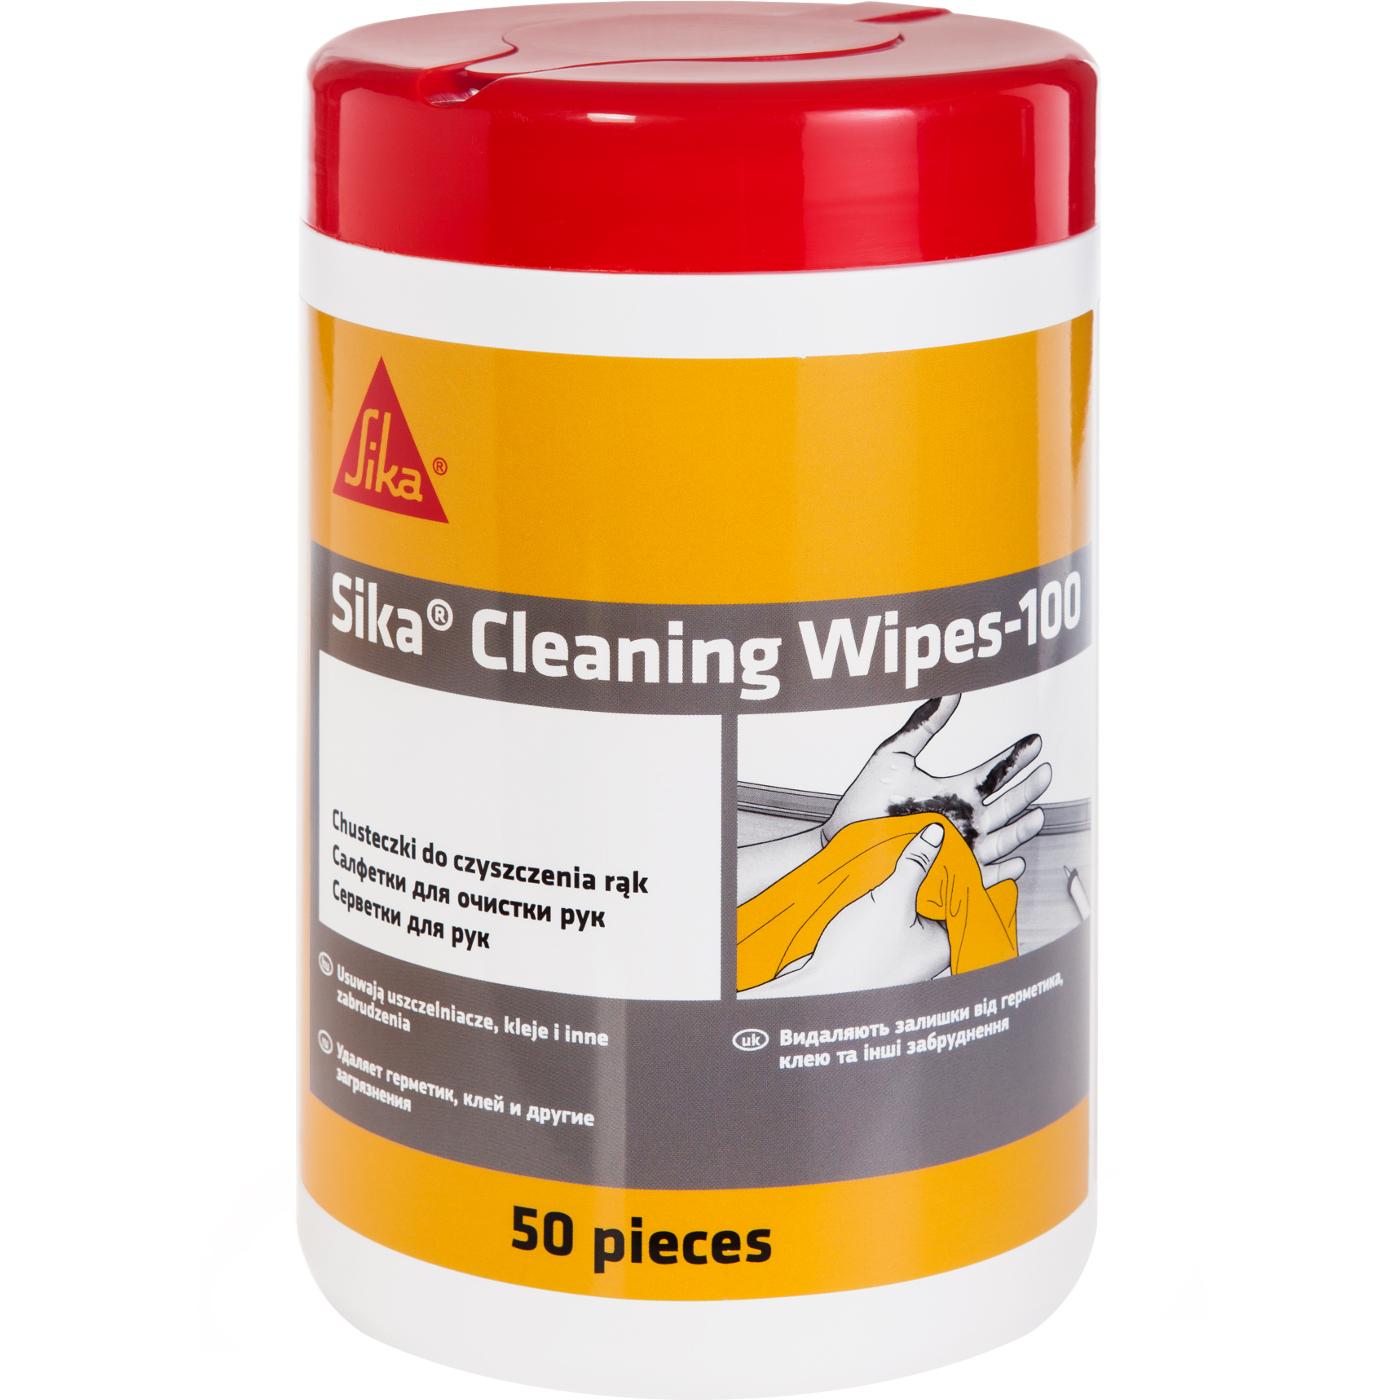 Очищающие салфетки SIKA Cleaning Wipes-100 50 шт